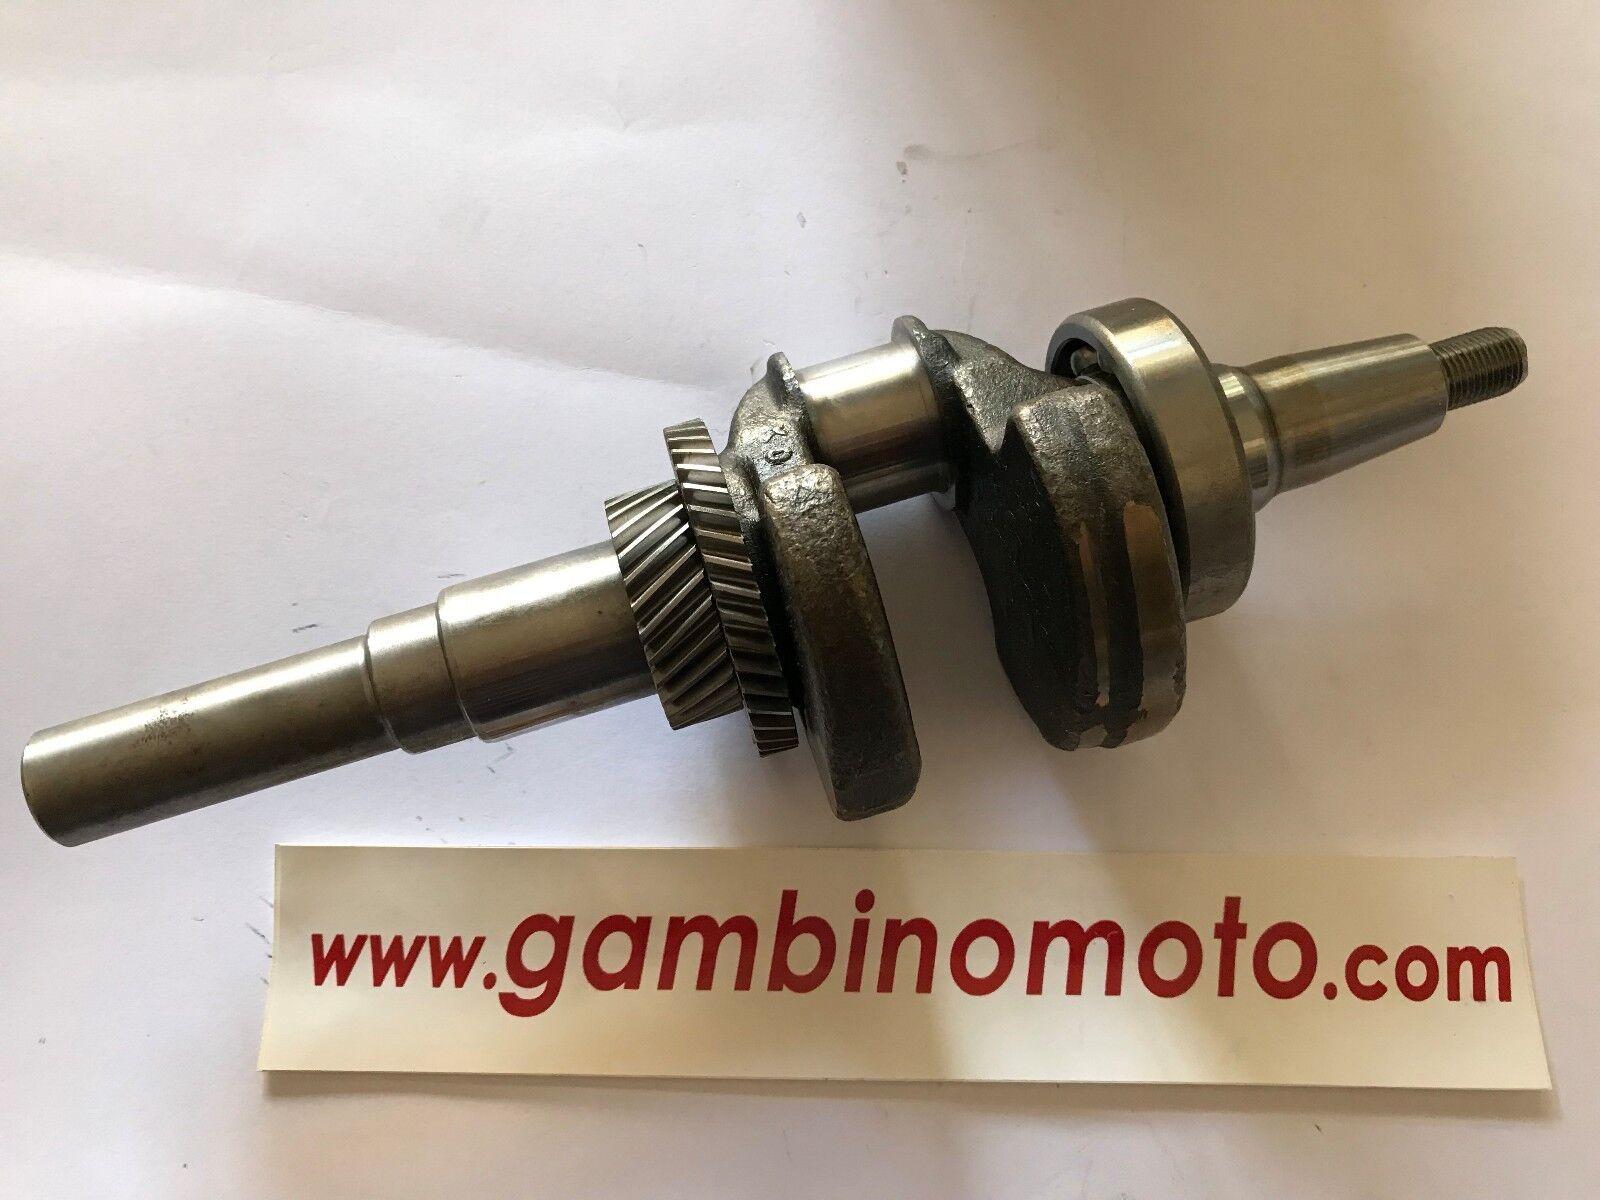 ALBERO MOTORE COMPLETO HONDA GX340 - GX390 ALBERO CILINDRICO MM 25,4